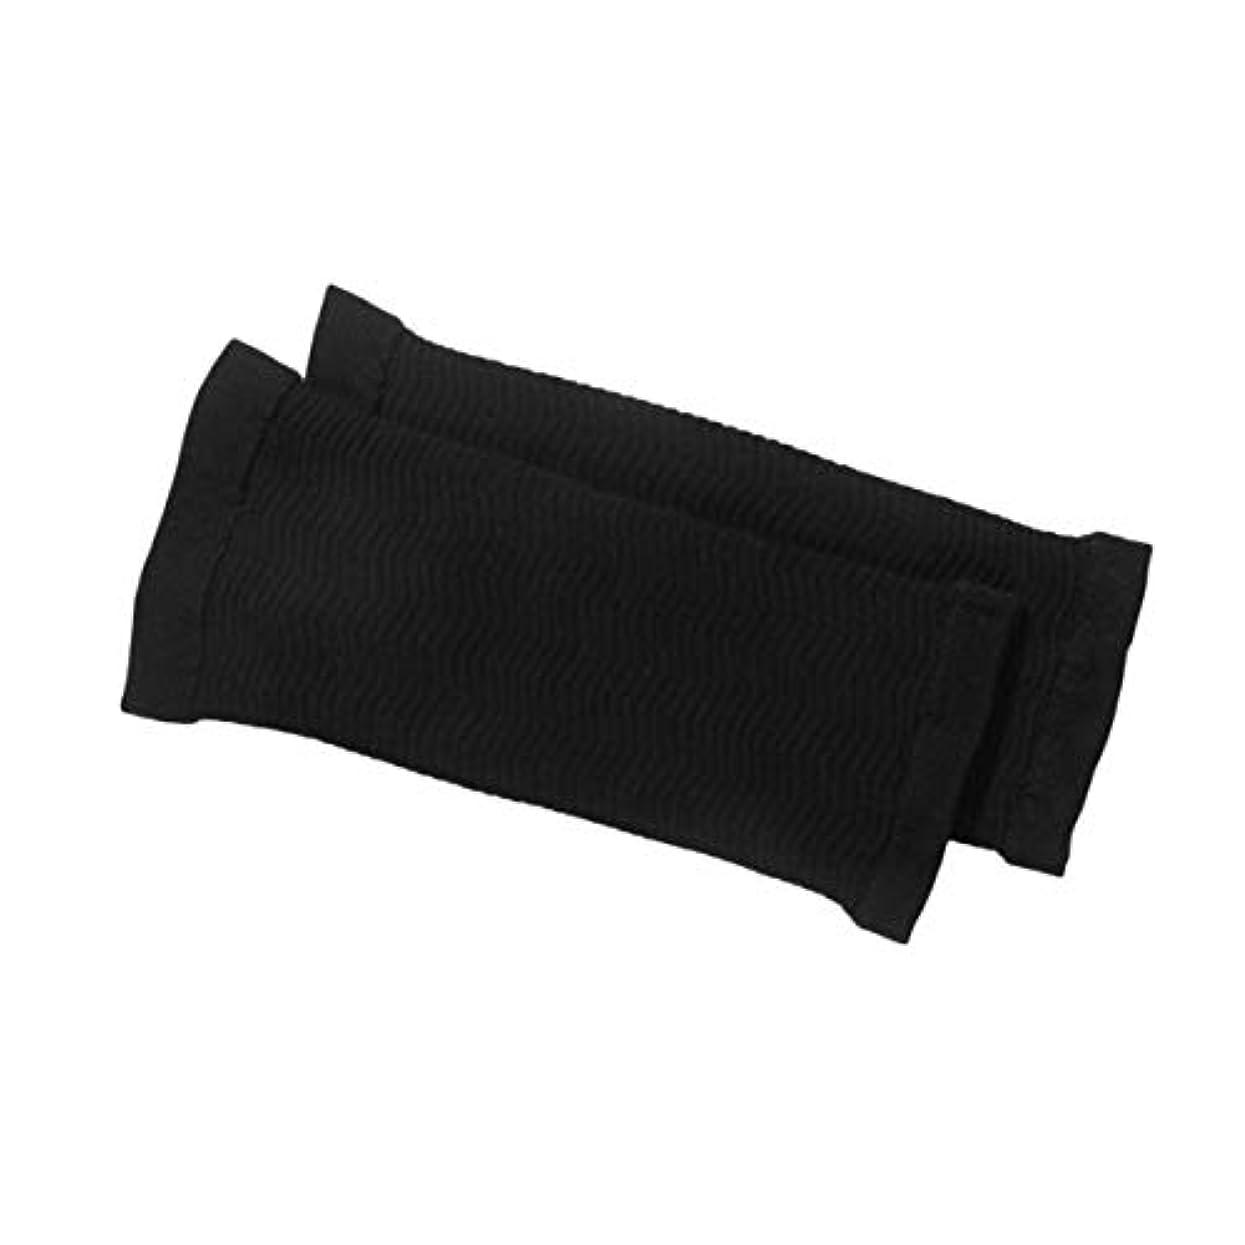 もし学ぶベアリング1ペア420 D圧縮痩身アームスリーブワークアウトトーニングバーンセルライトシェイパー脂肪燃焼袖用女性 - 黒